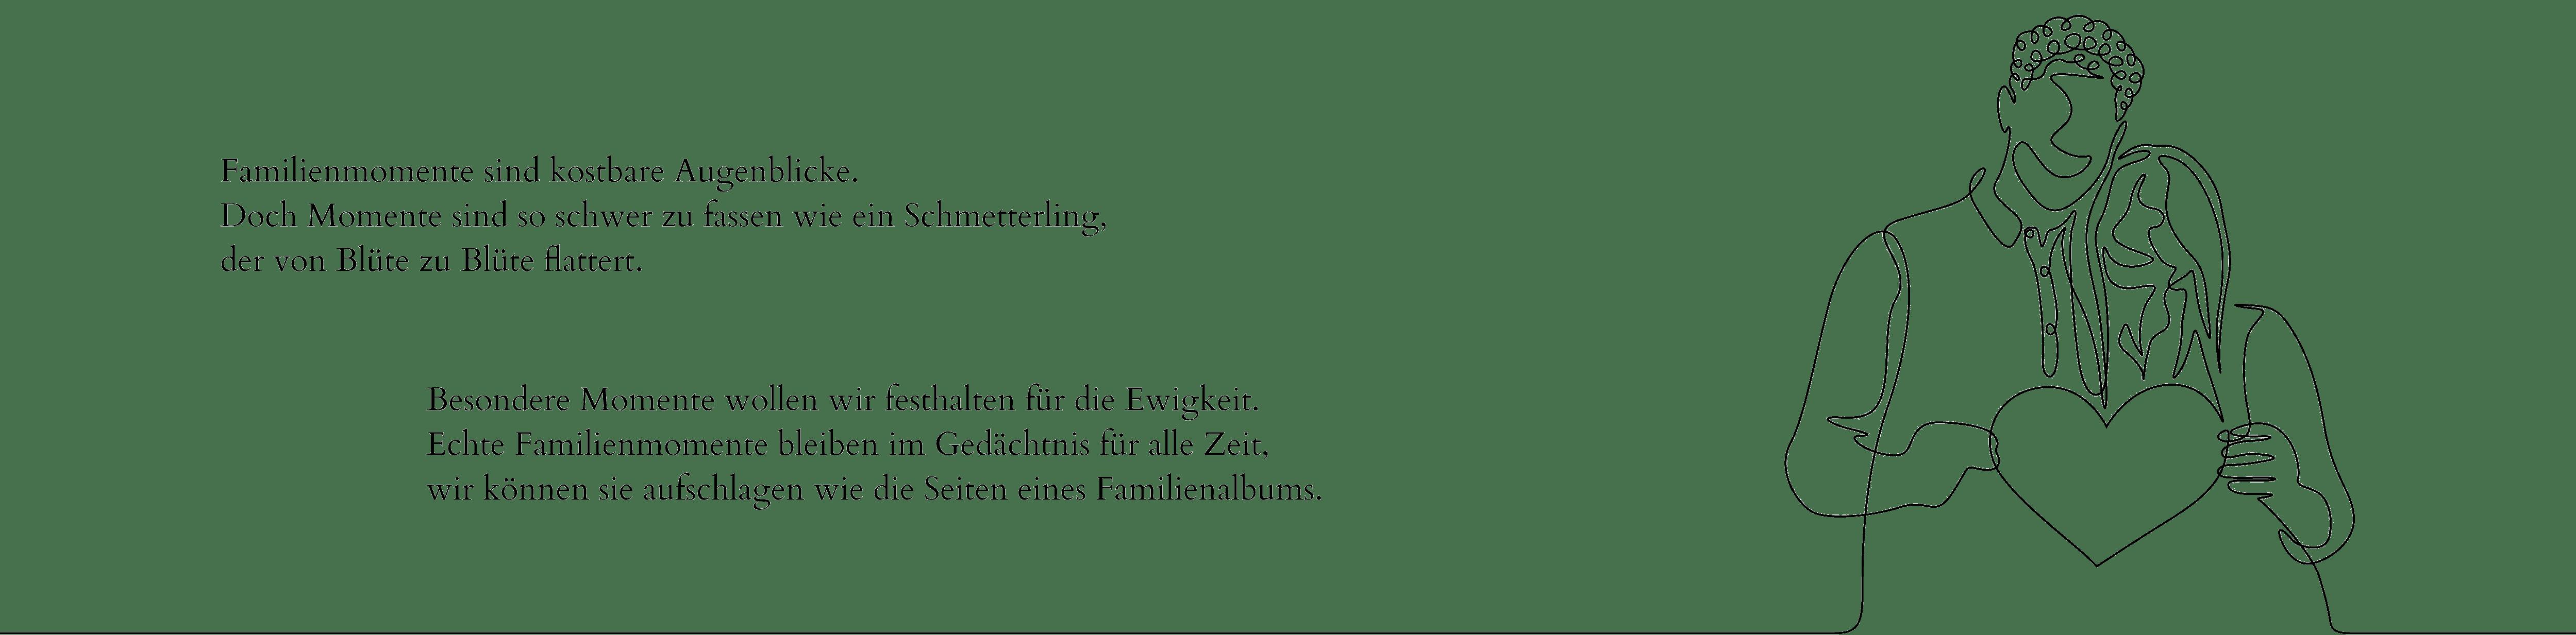 Paar_Herz_Text_neu